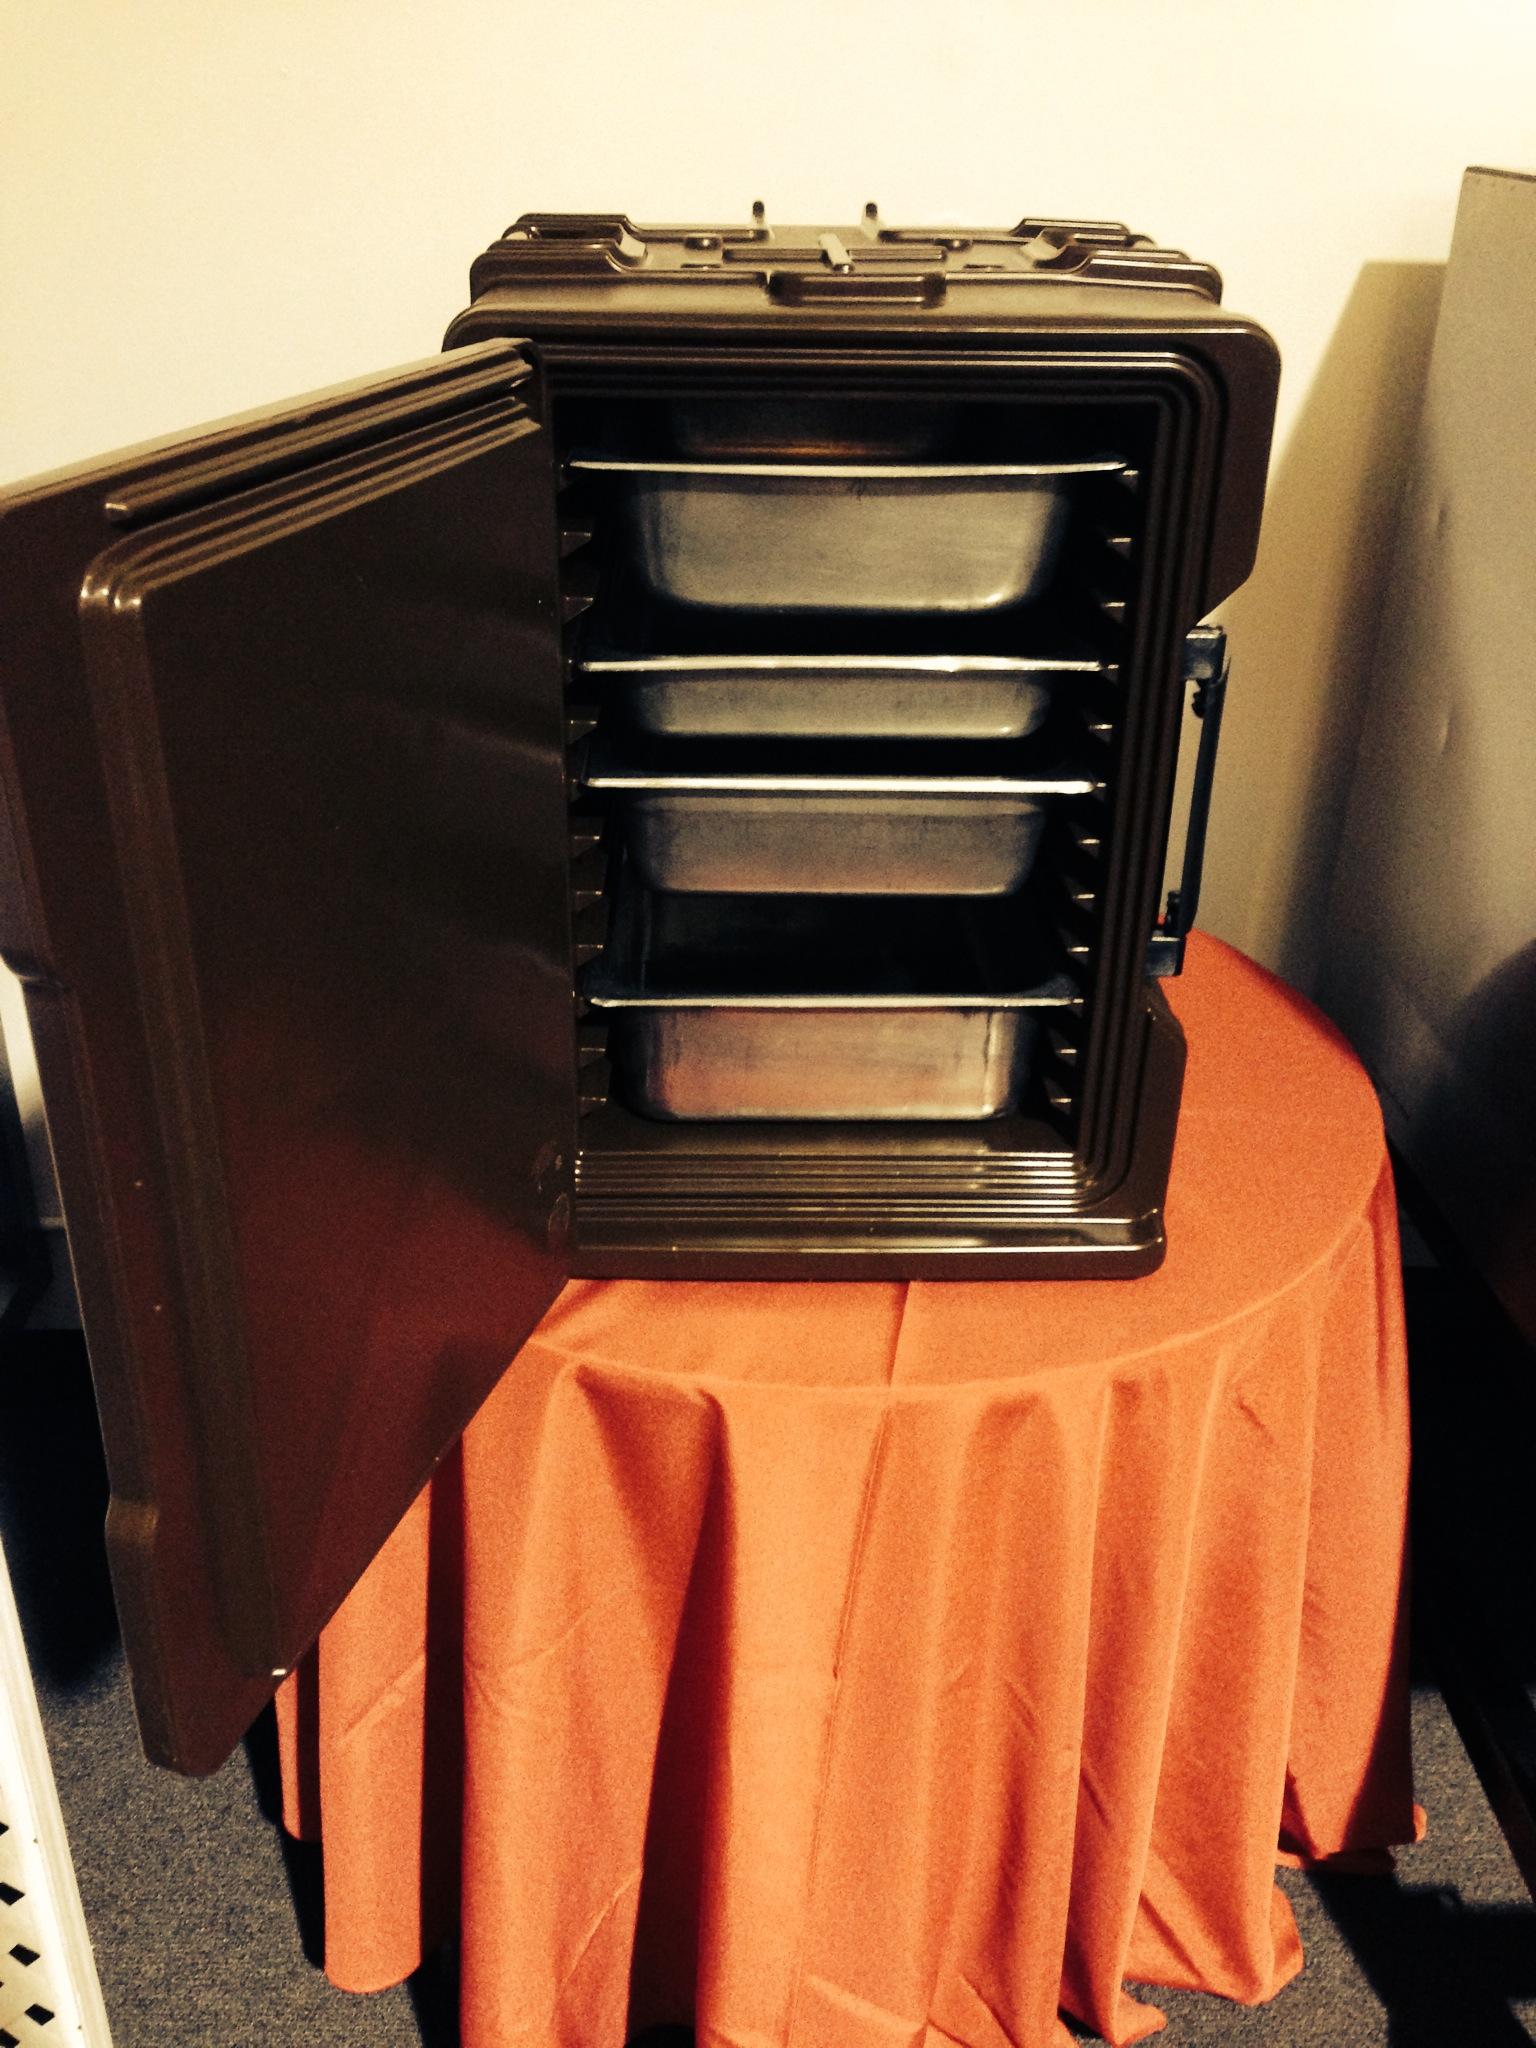 Cooking Equipment Rentals In Nassau Queens County